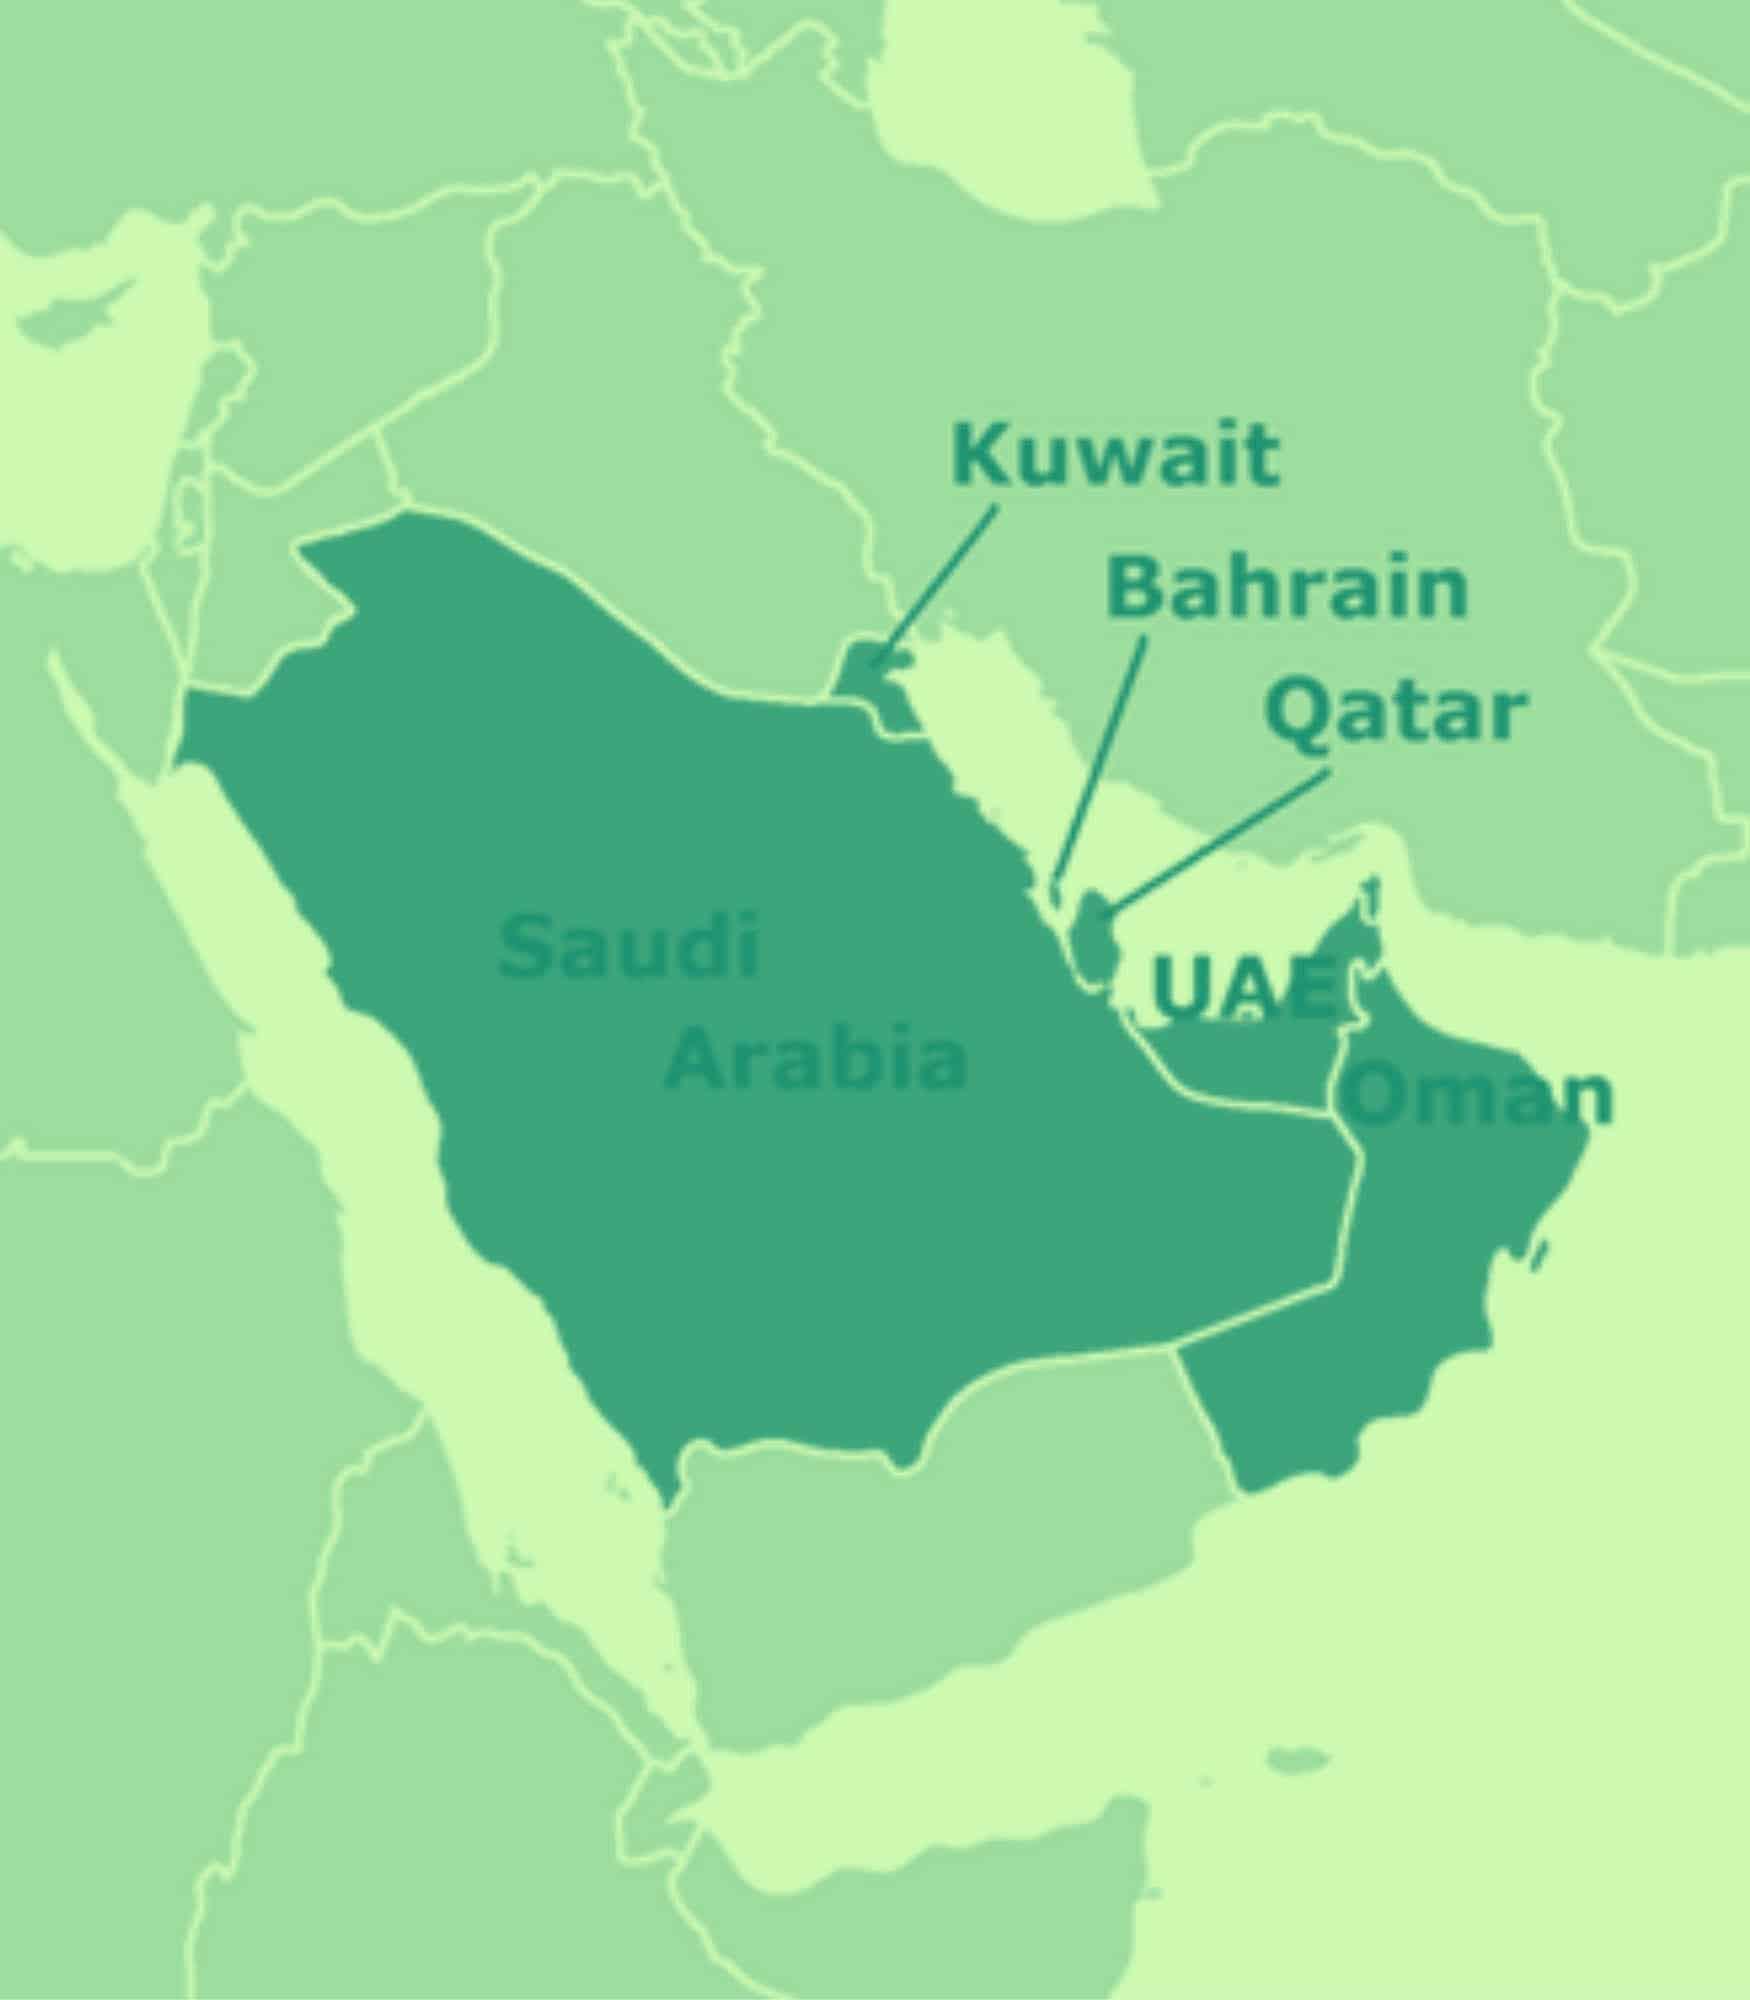 الصغيرة في الشرق الأوسط